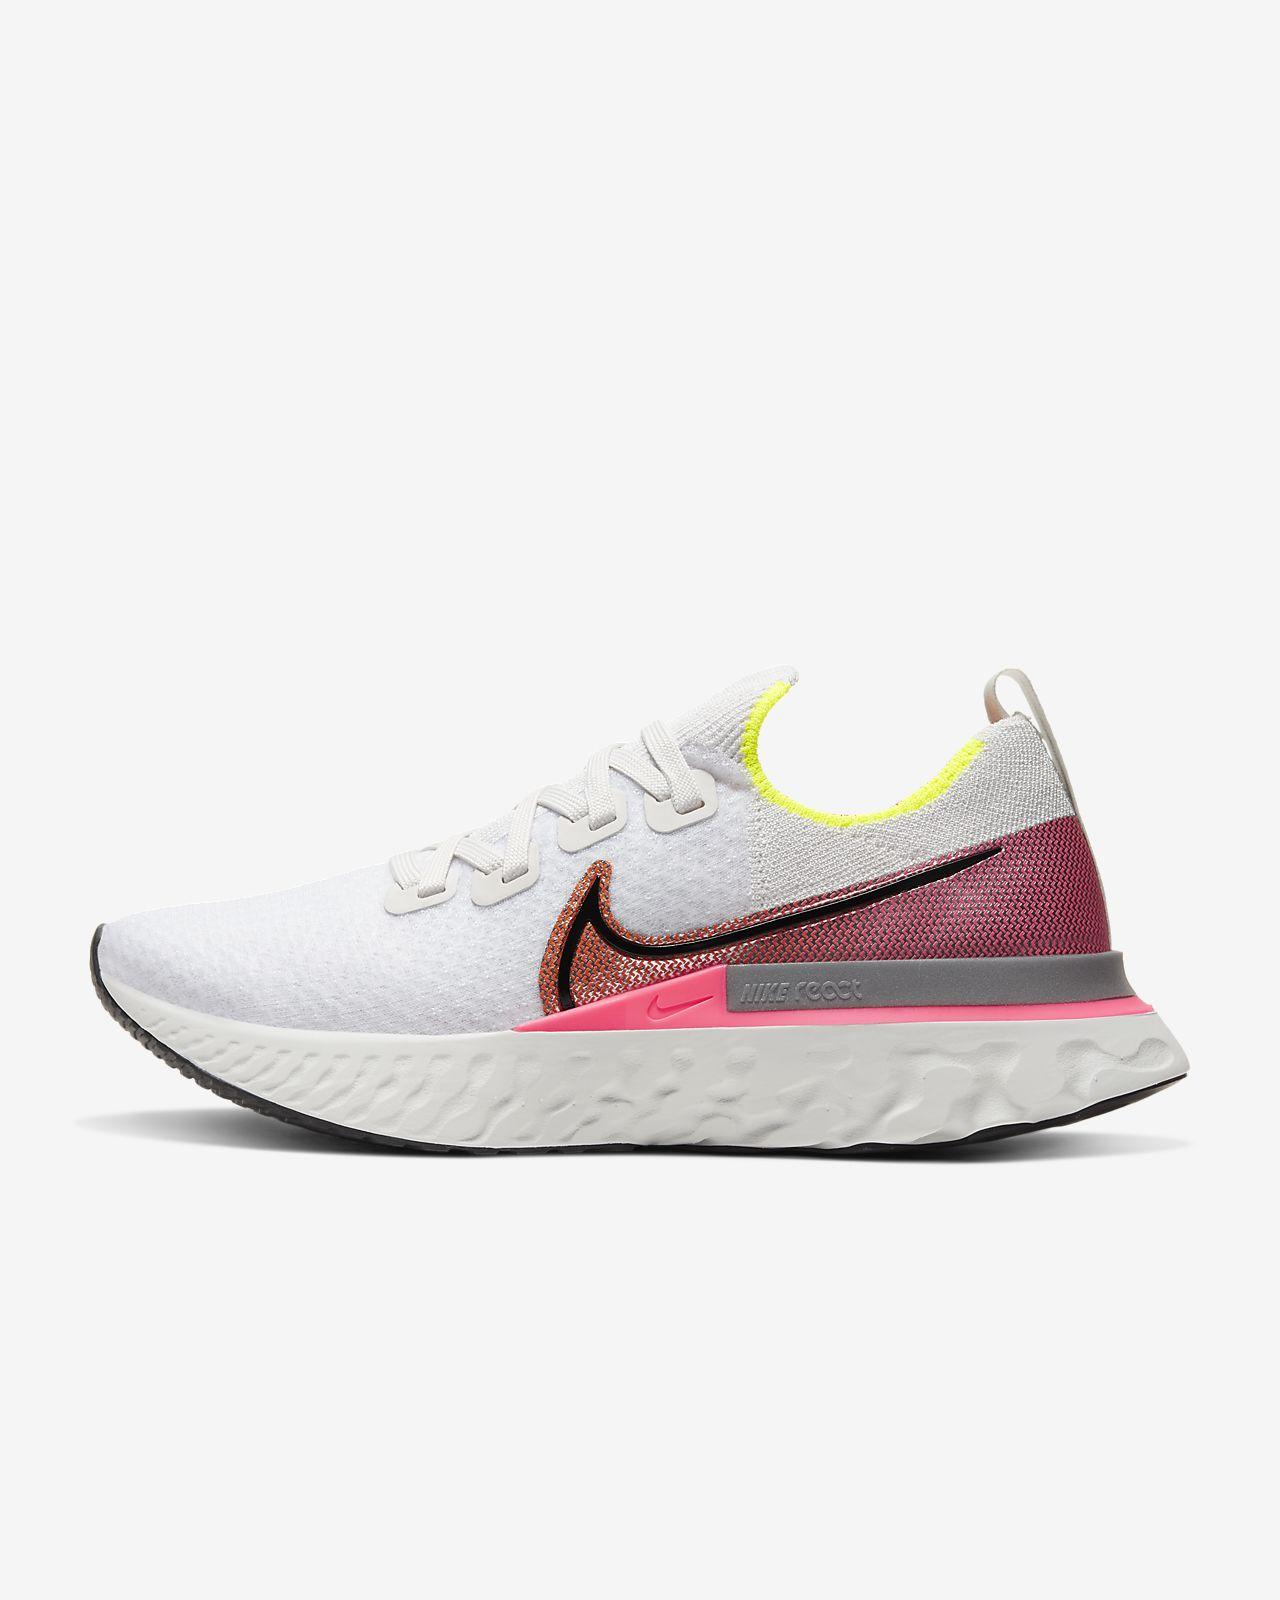 chaussures de running nike femme